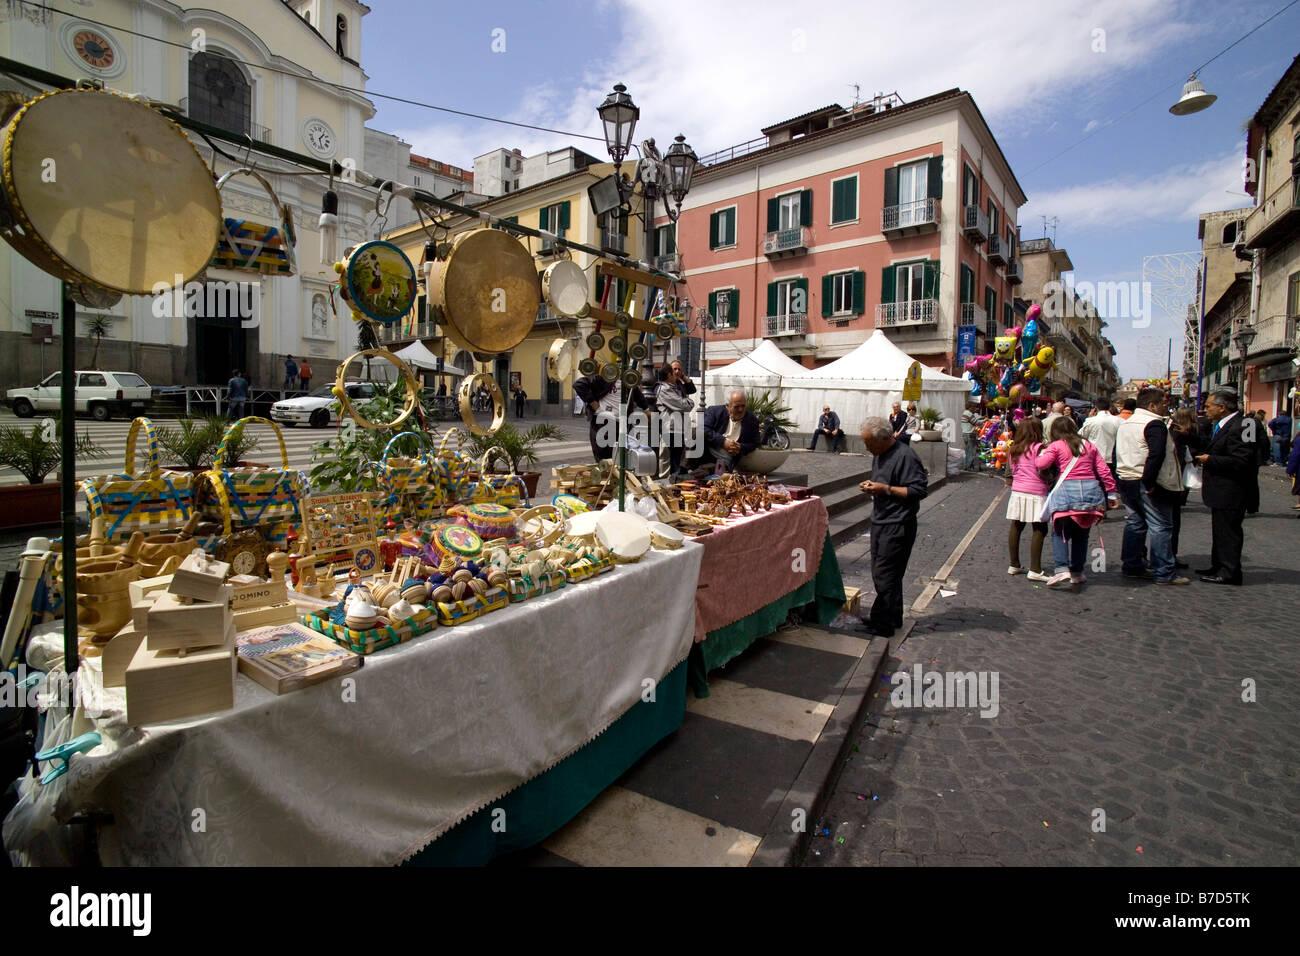 Market, Pagani, Campania, Italy Stock Photo: 21802947 - Alamy